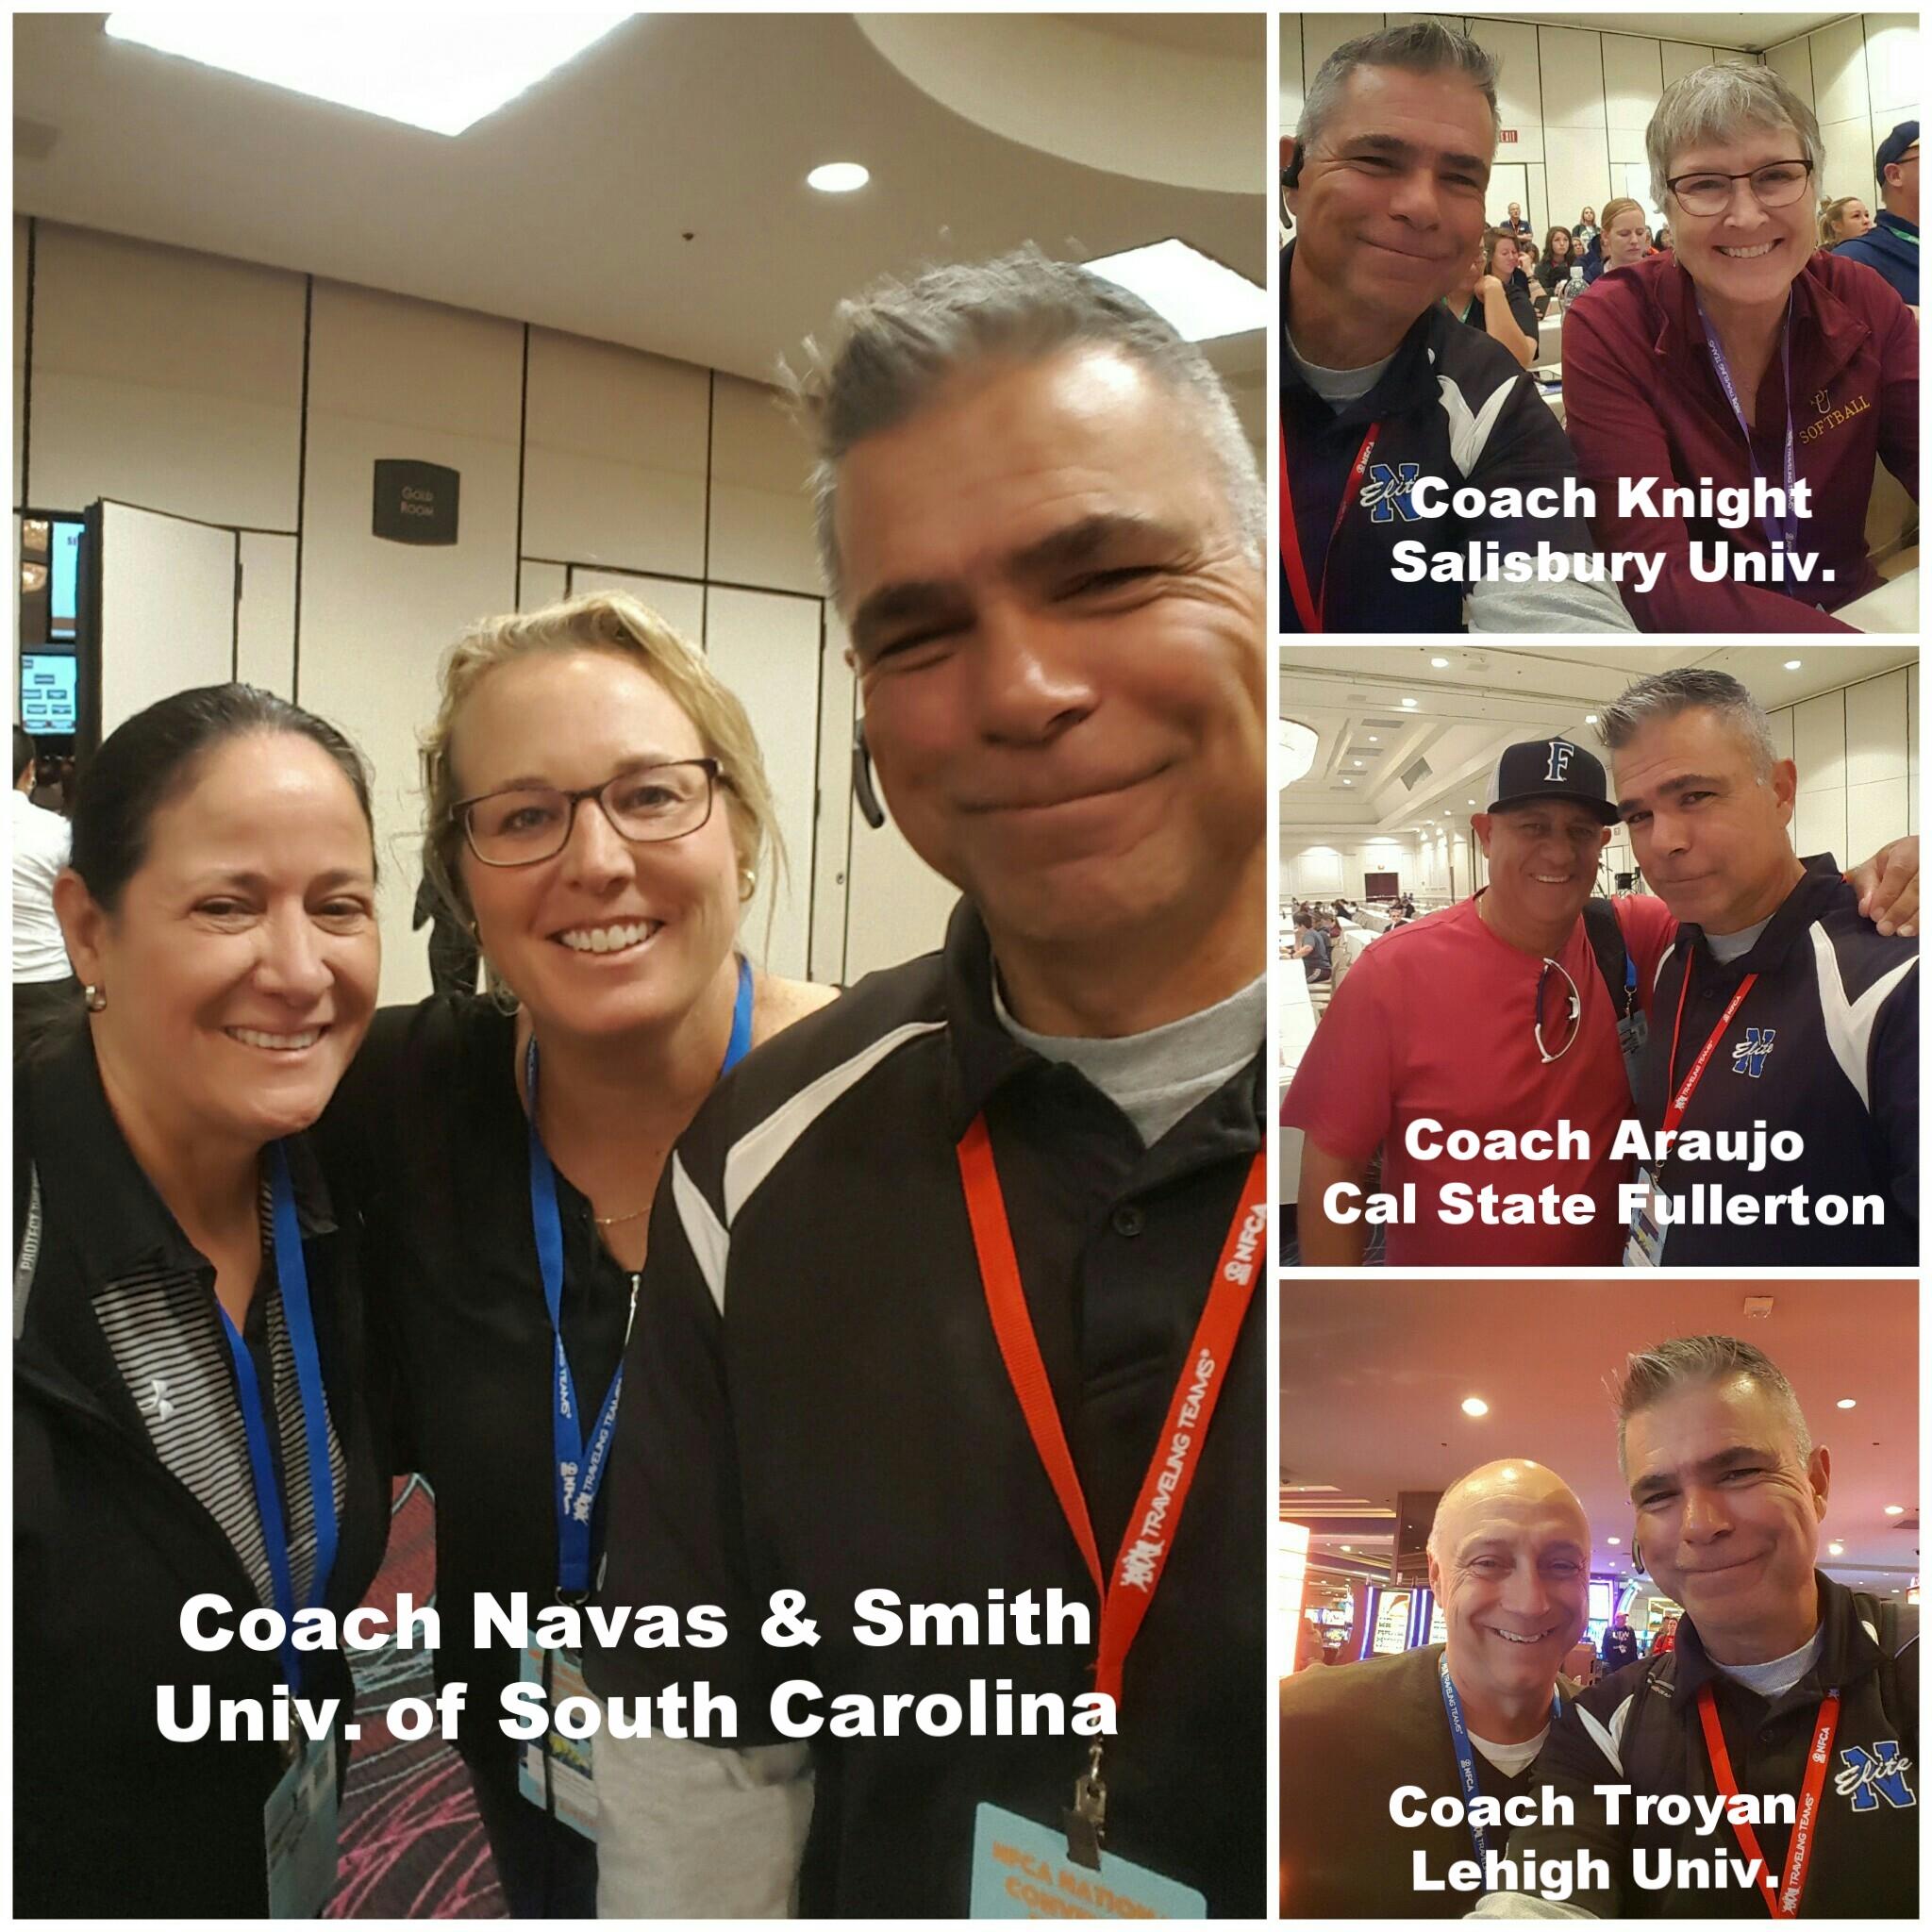 2017 NFCA National Convention - Dec. 6-9, 2017